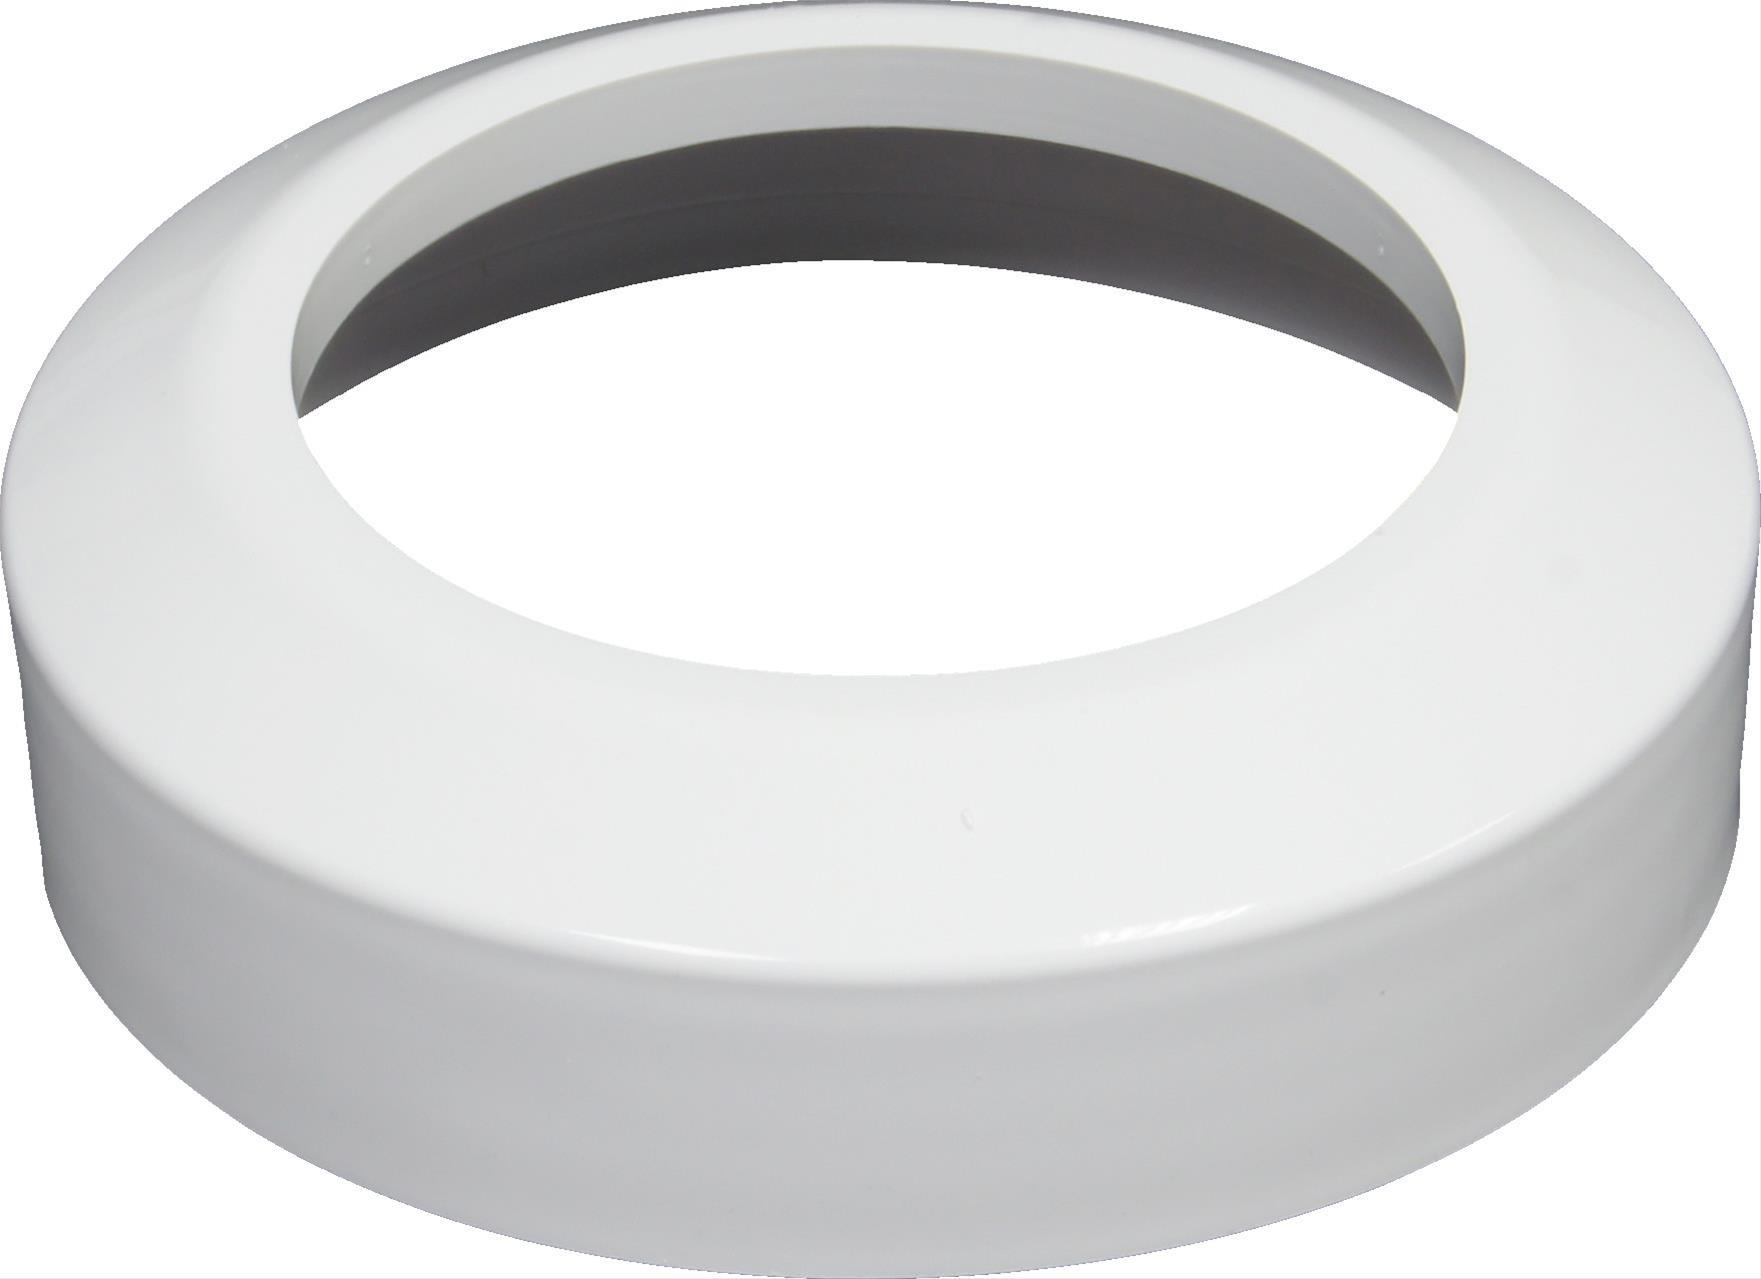 WC-Rosette 110mm Kunstst. weiß Bild 1